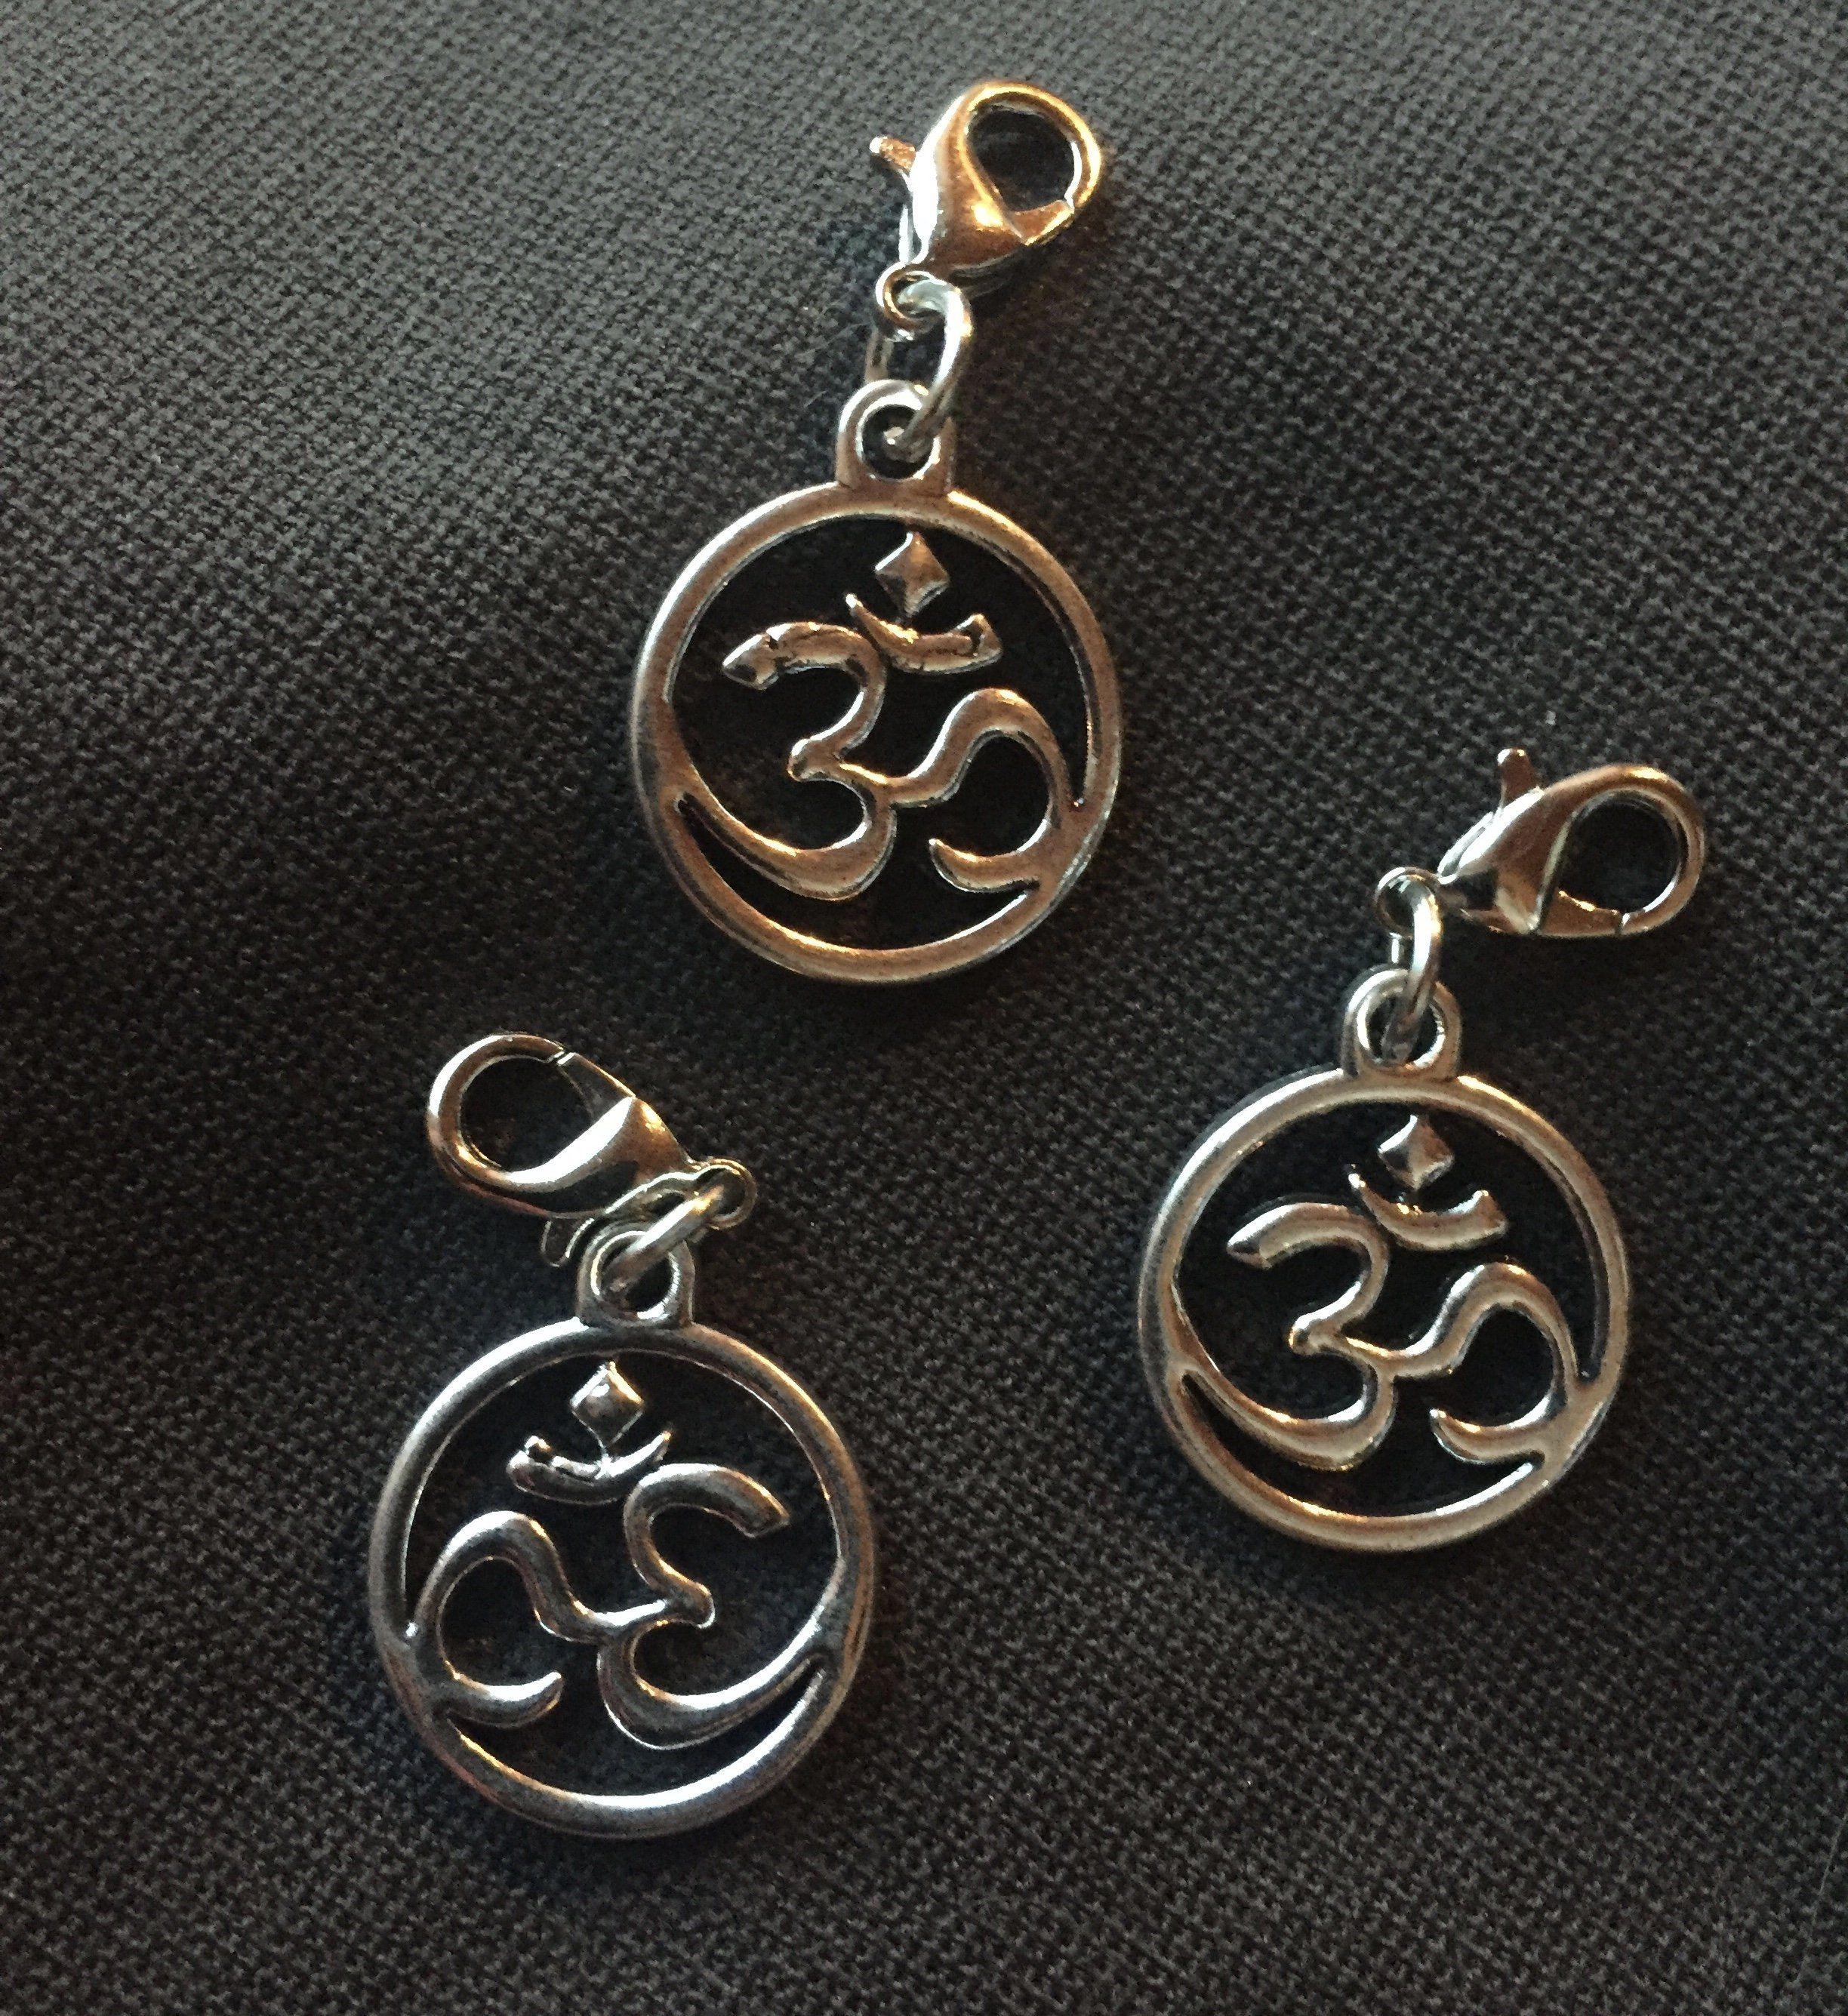 Mens necklace Lord Ganesh Ganesha Necklace Fortune Pendant Indian Elephant Necklace Buddha Meditation Spirit Necklace